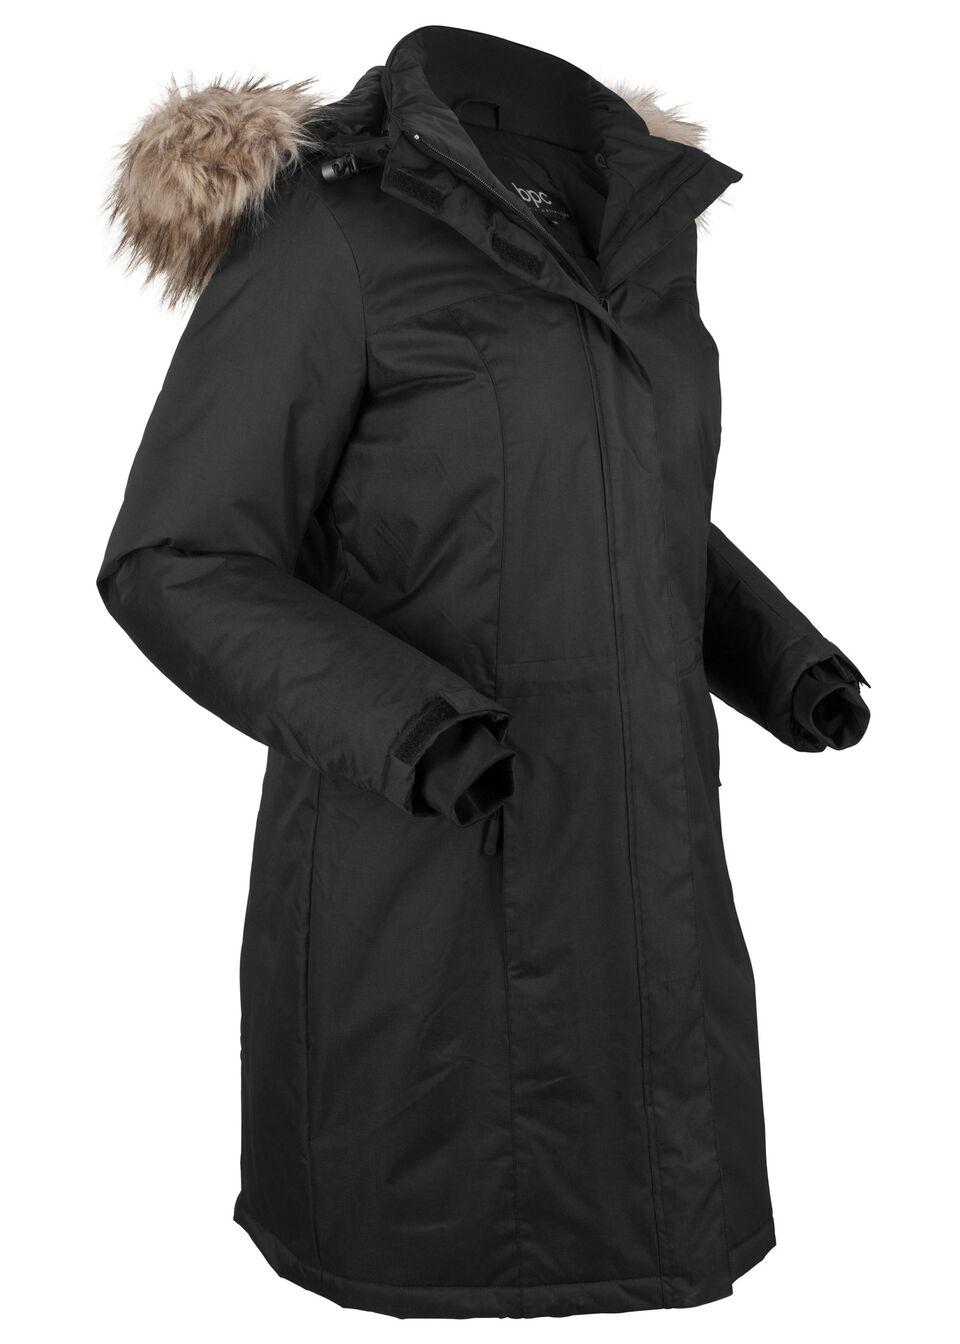 Купить Куртки и плащи, Пальто теплое с мехом, bonprix, черный